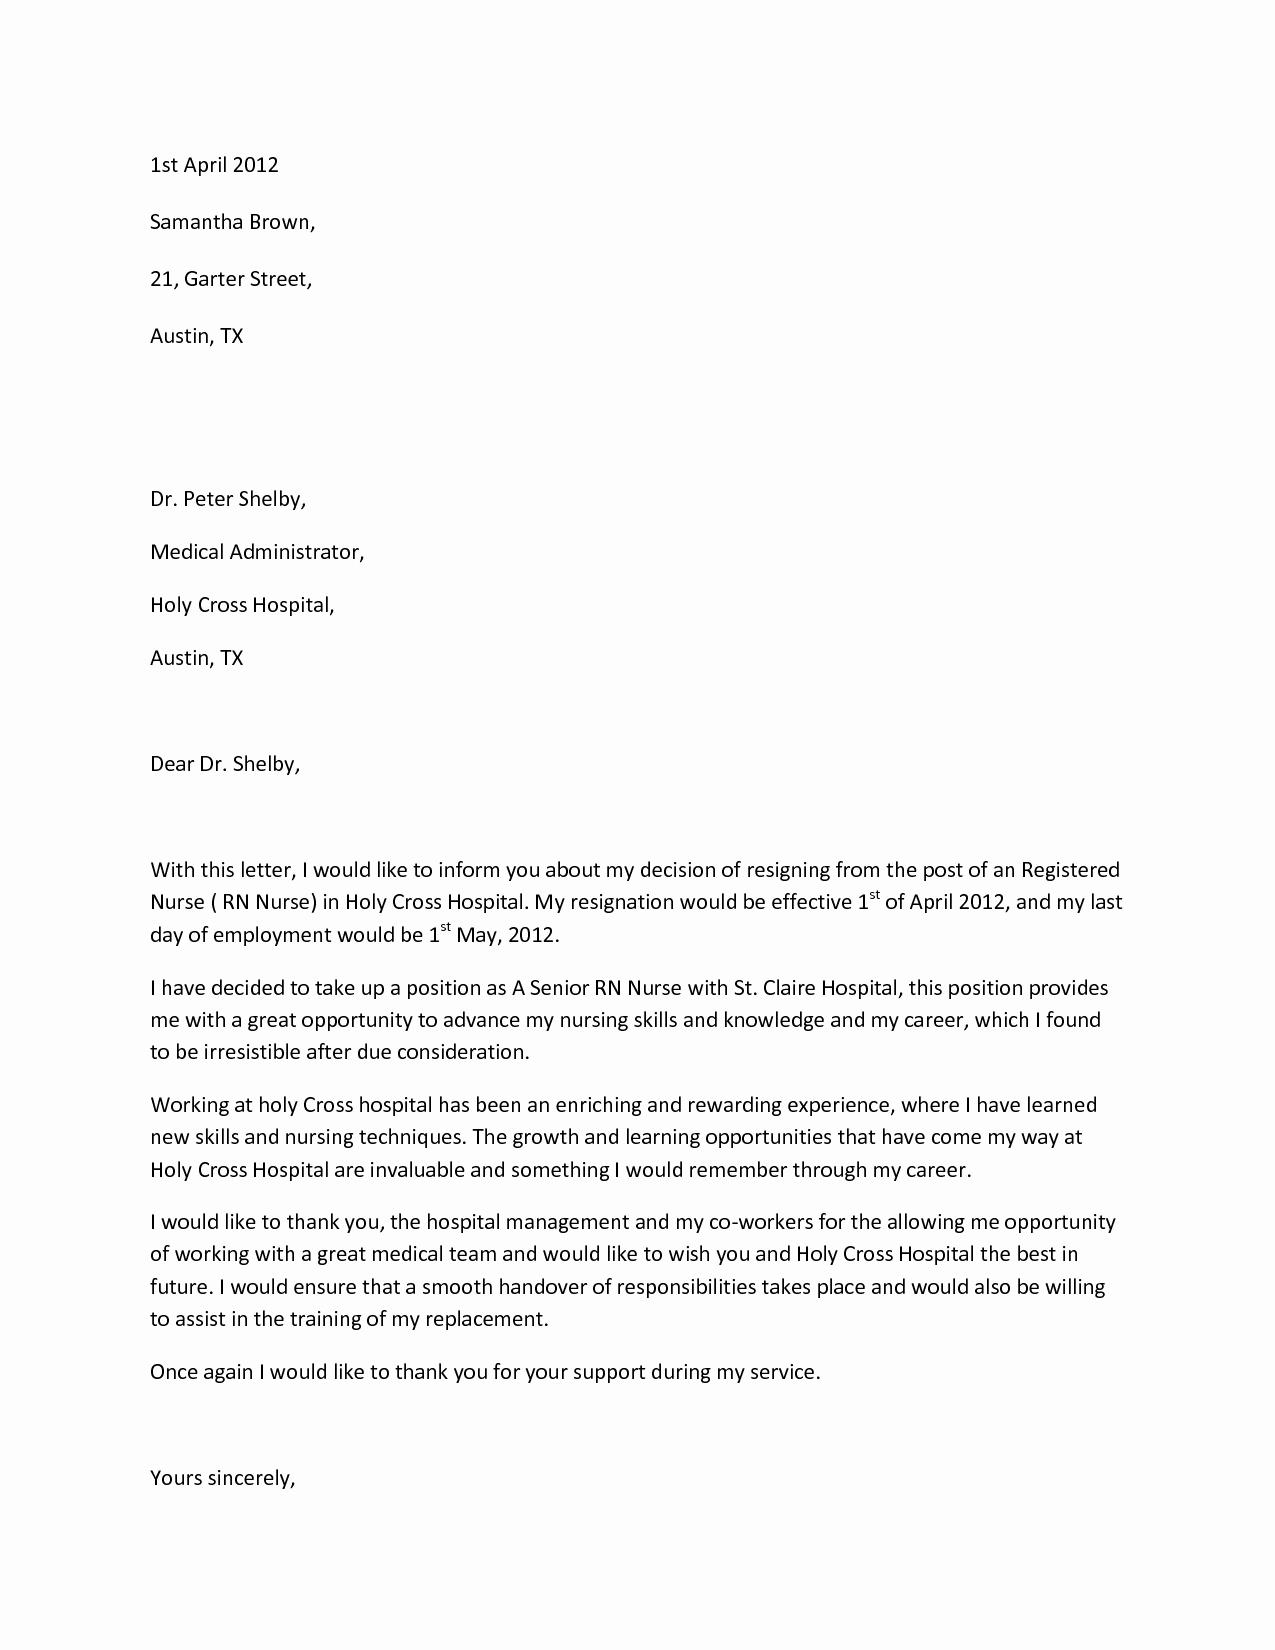 Letter Of Resignation Nursing New Sample Resignation Letterwriting A Letter Resignation Email Letter Sample